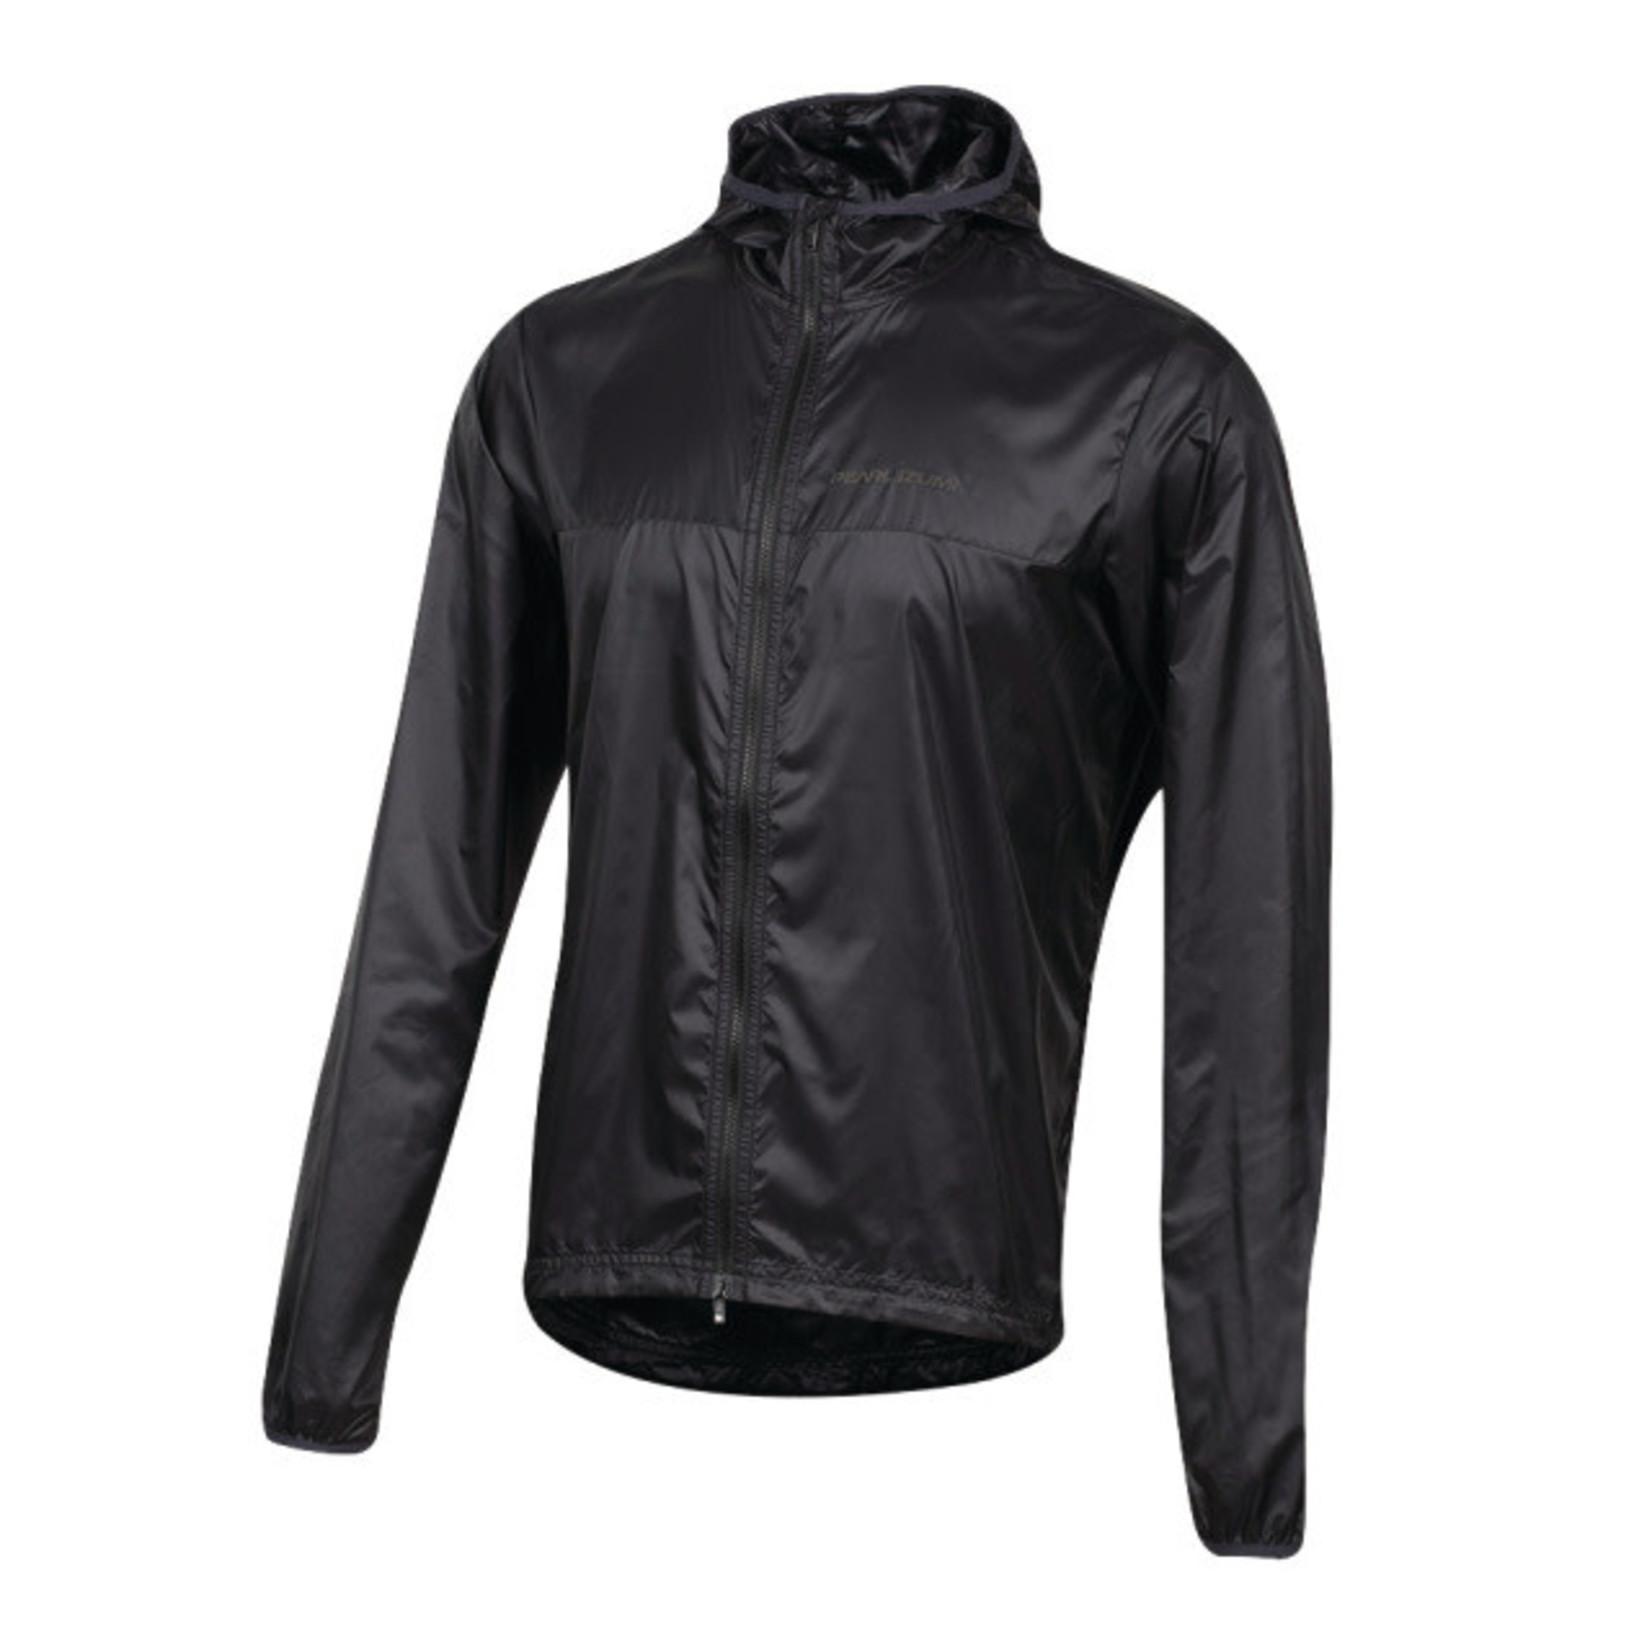 Pearl iZUMi Pearl iZUMi Jacke Wind Summit Shell Jacket black